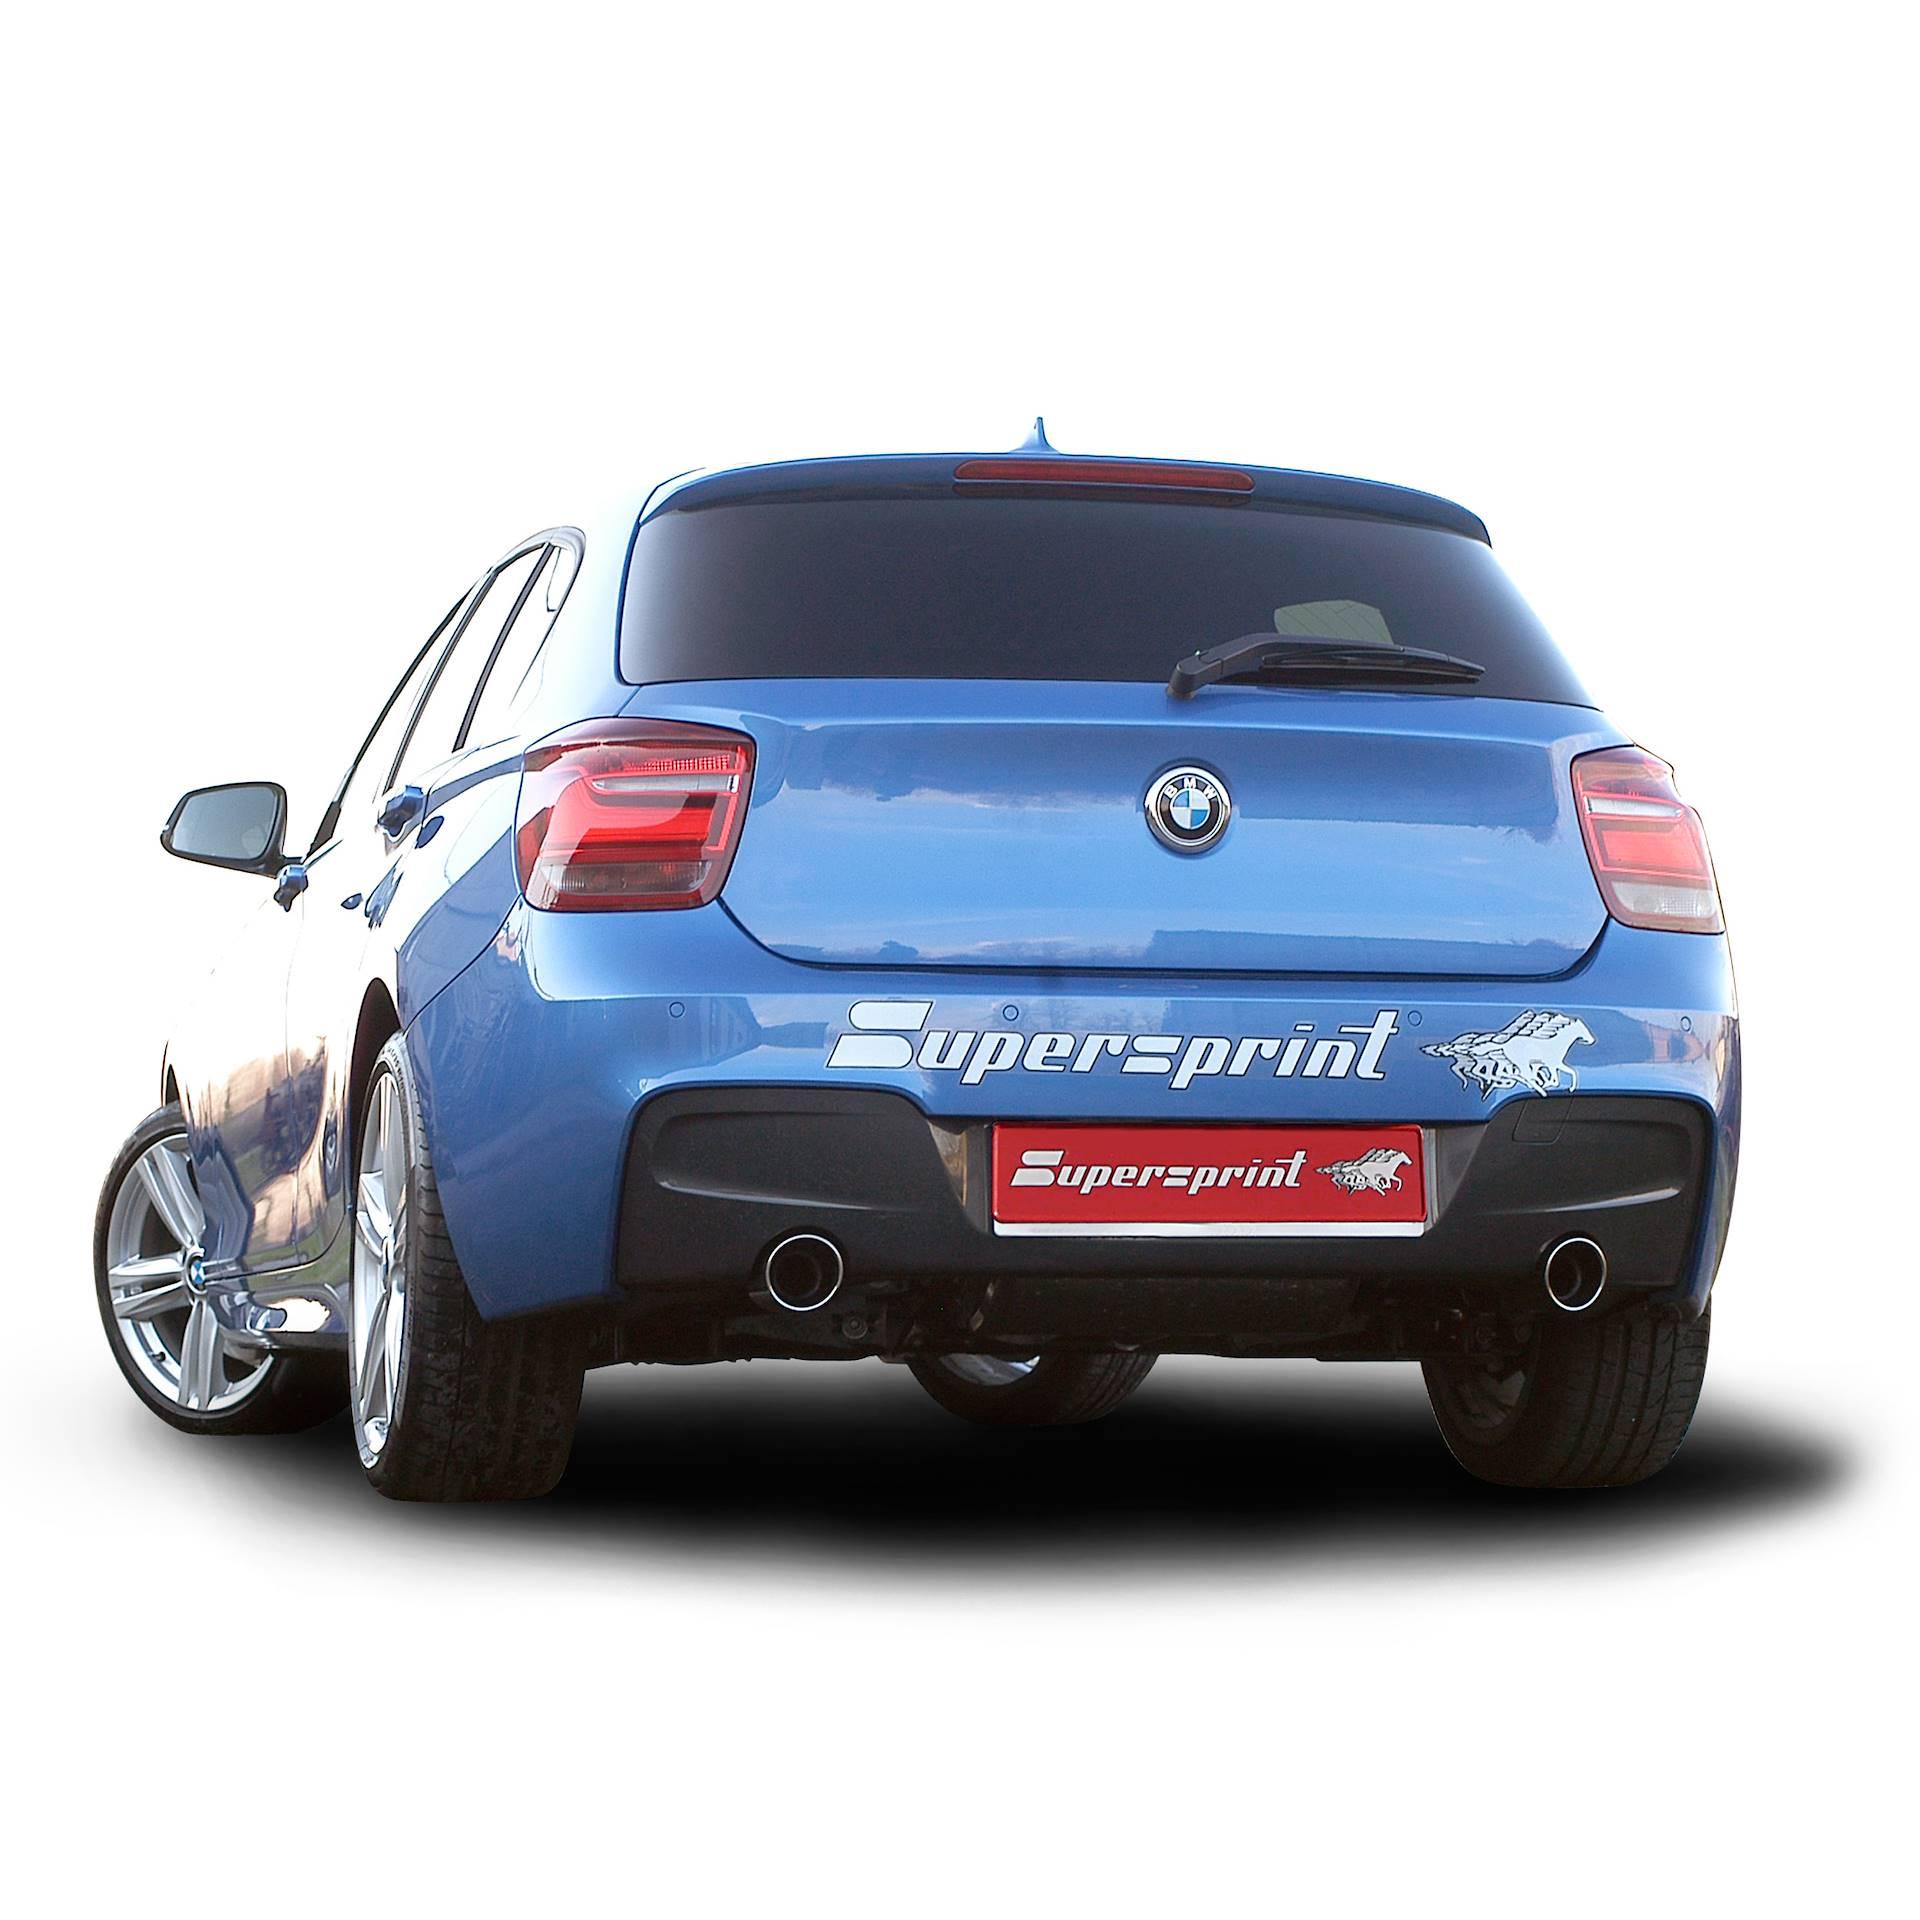 BMW F20 / F21 118d (N47N Engine - 143 Hp) 2012 -> 2015